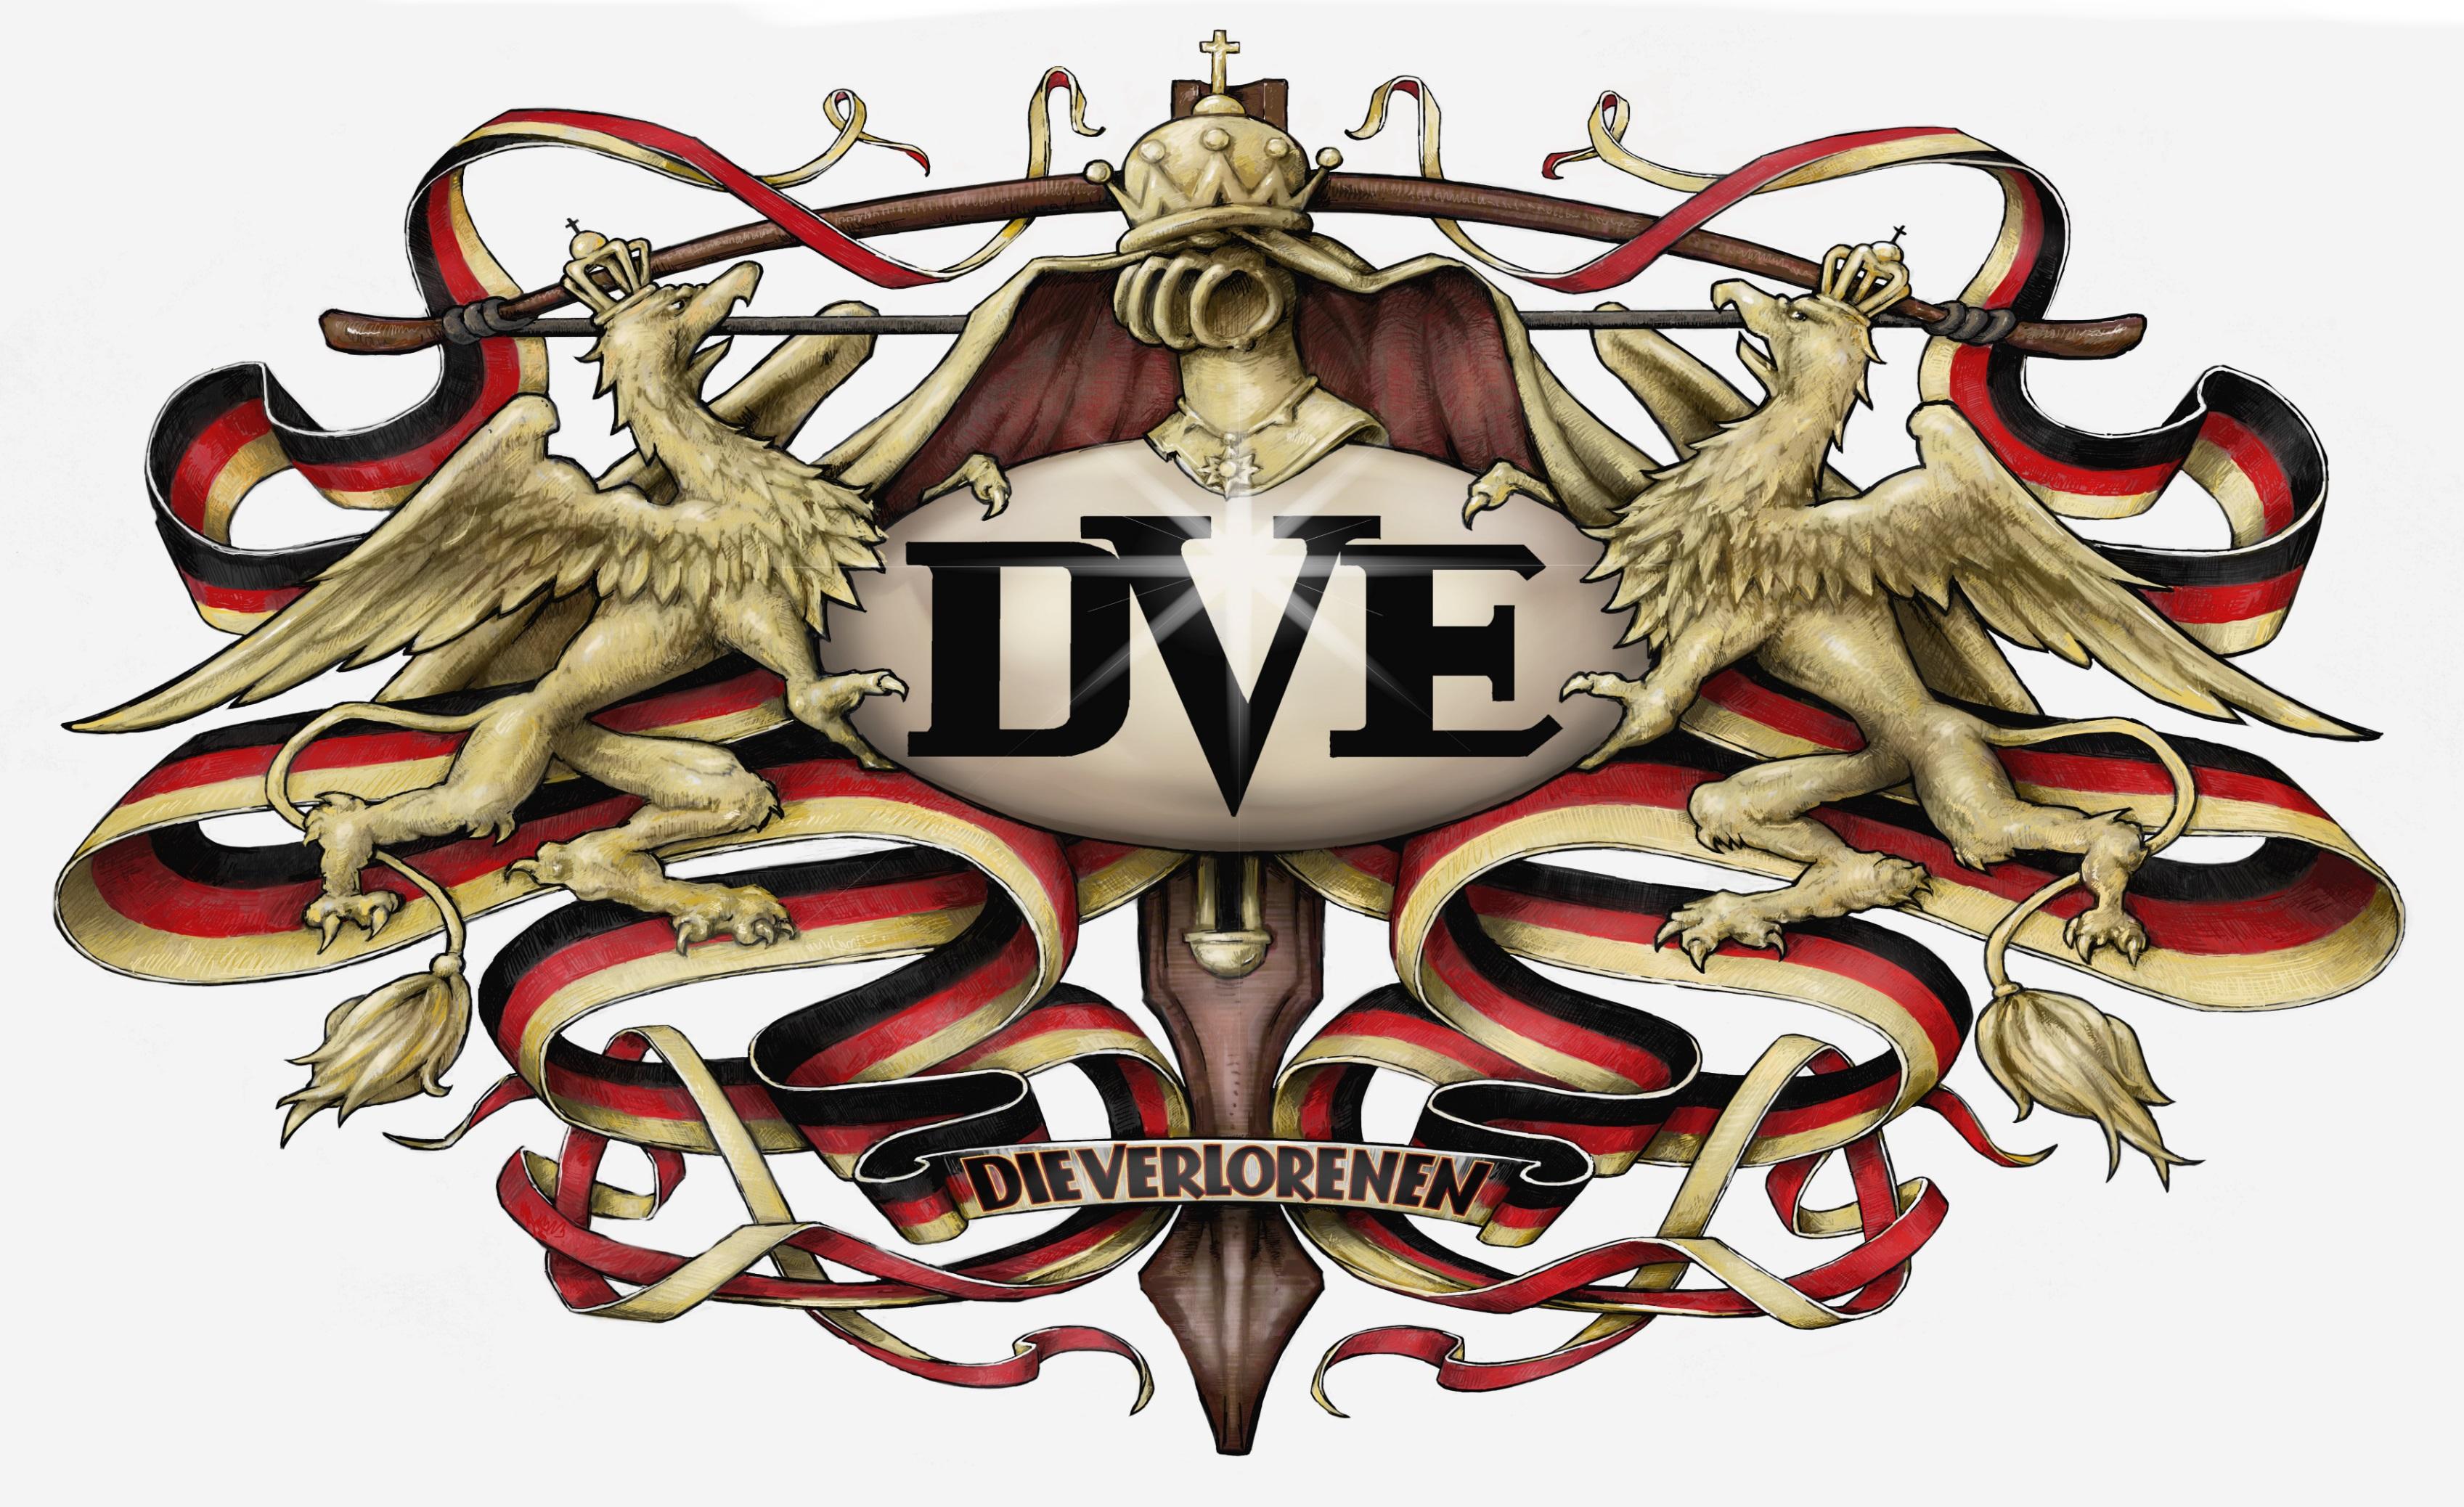 DVE - Die Verlorenen - Emblem